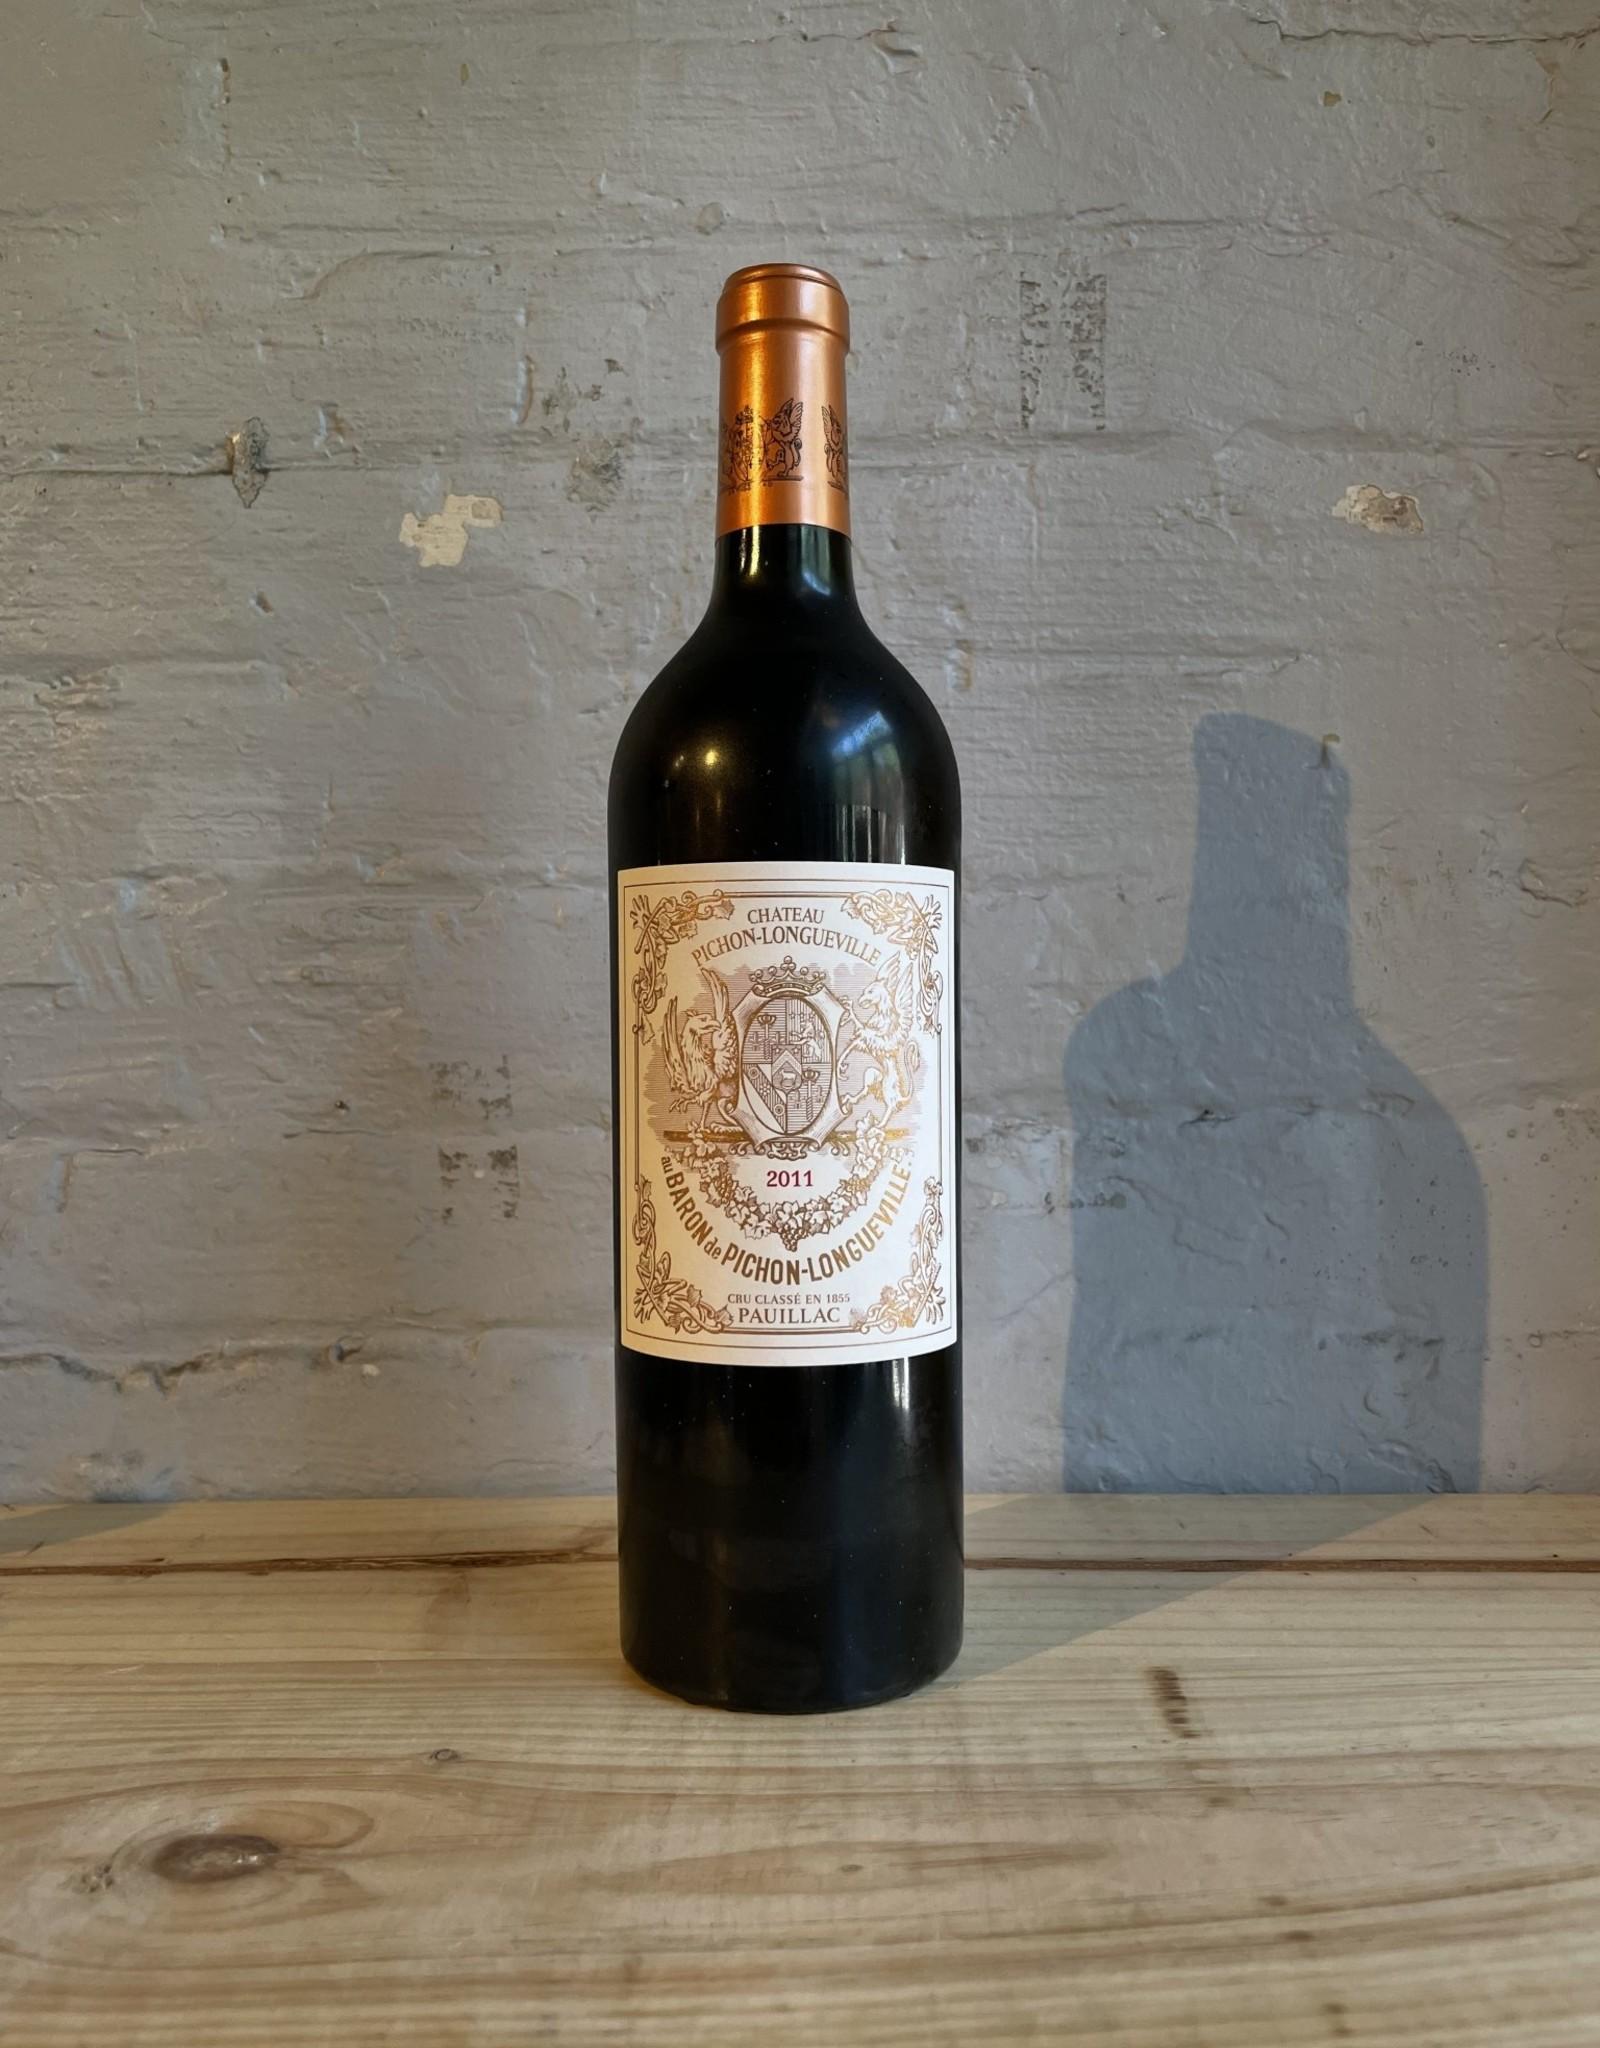 Wine 2011 Chateau Pichon Longueville Baron Pauillac - Bordeaux, France (750ml)